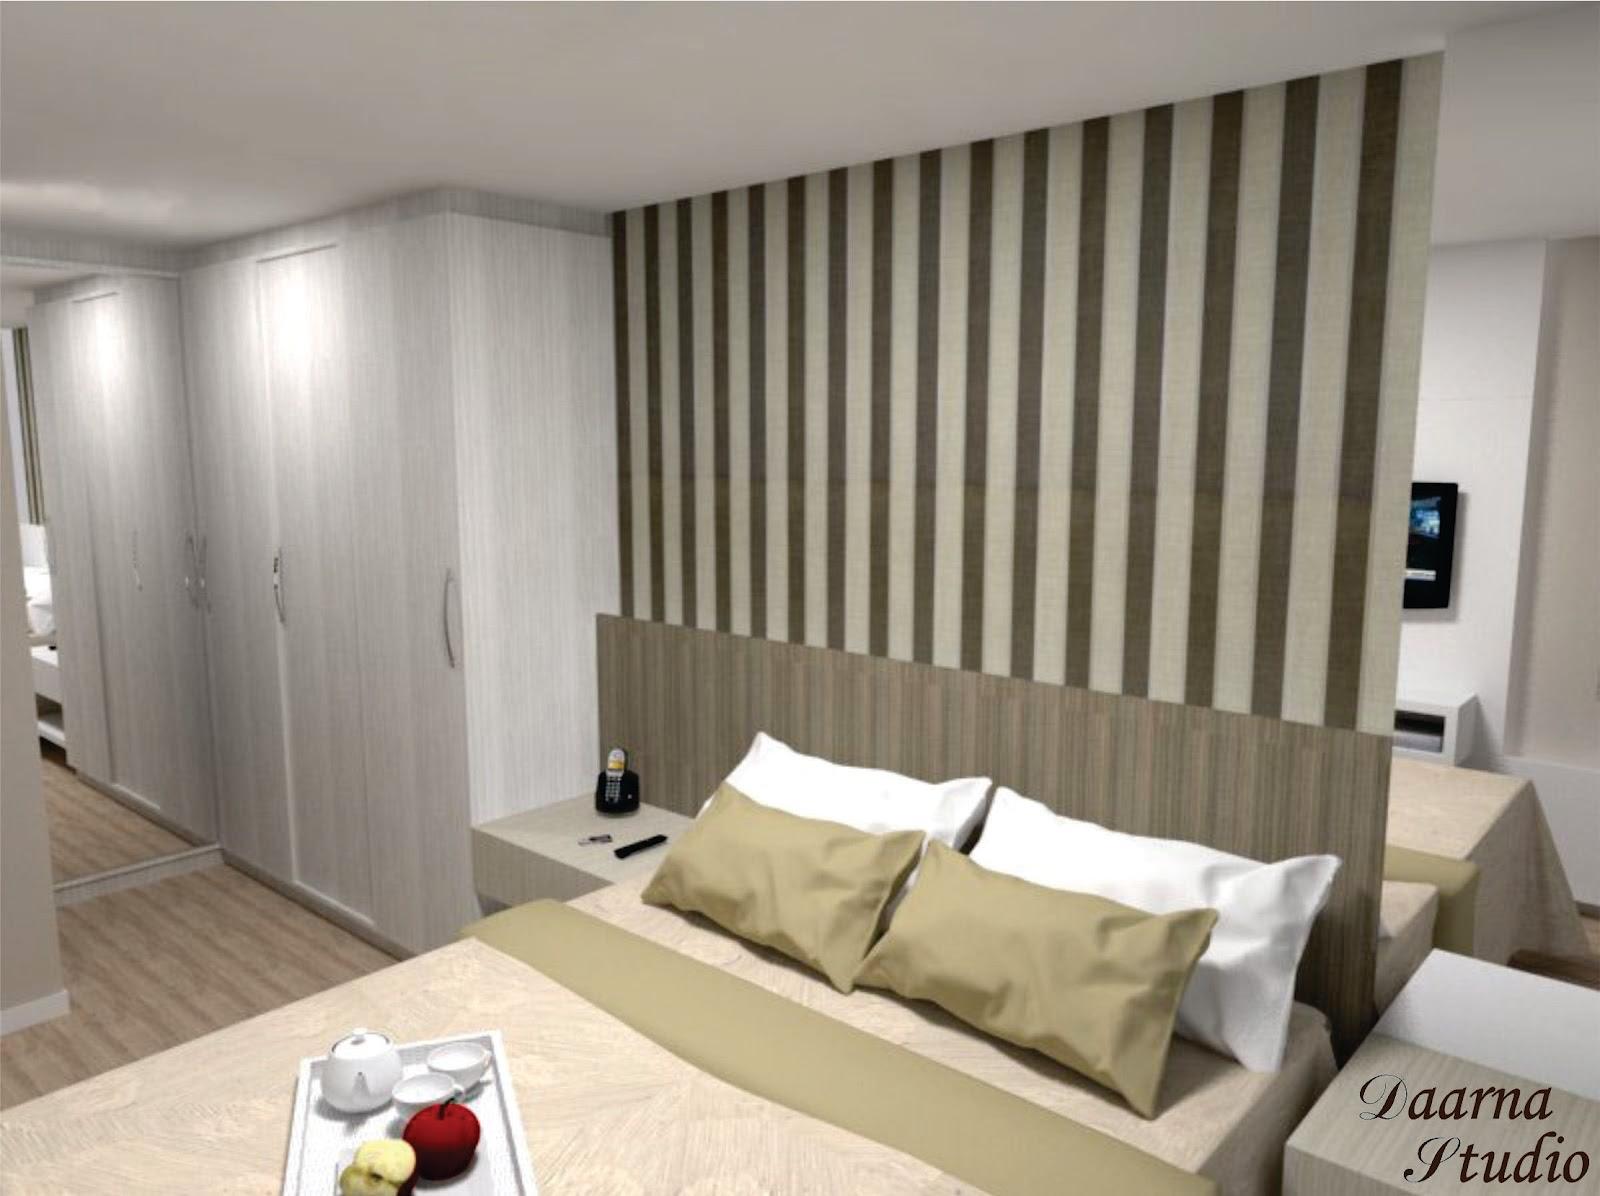 Daarna Arquitetura & Interiores: Projeto de Interiores Apto 90m² #2E4C63 1600x1196 Antes E Depois De Banheiros Reformados